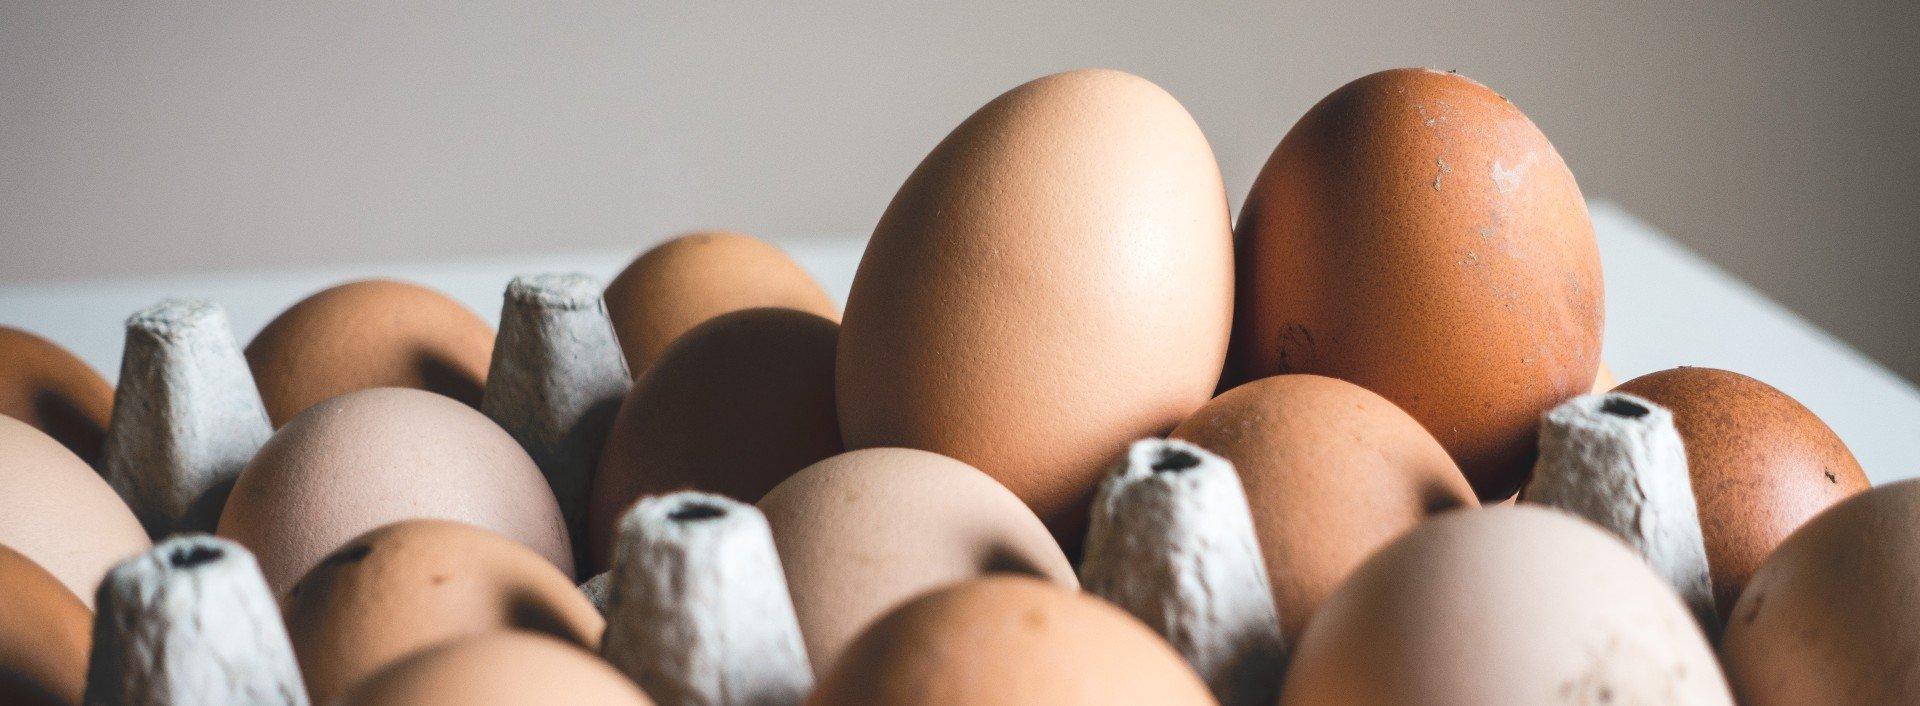 Braune Eier in einer Schachtel vor einem grauen Hintergrund. Es gibt viele Arten, Eier zu essen!